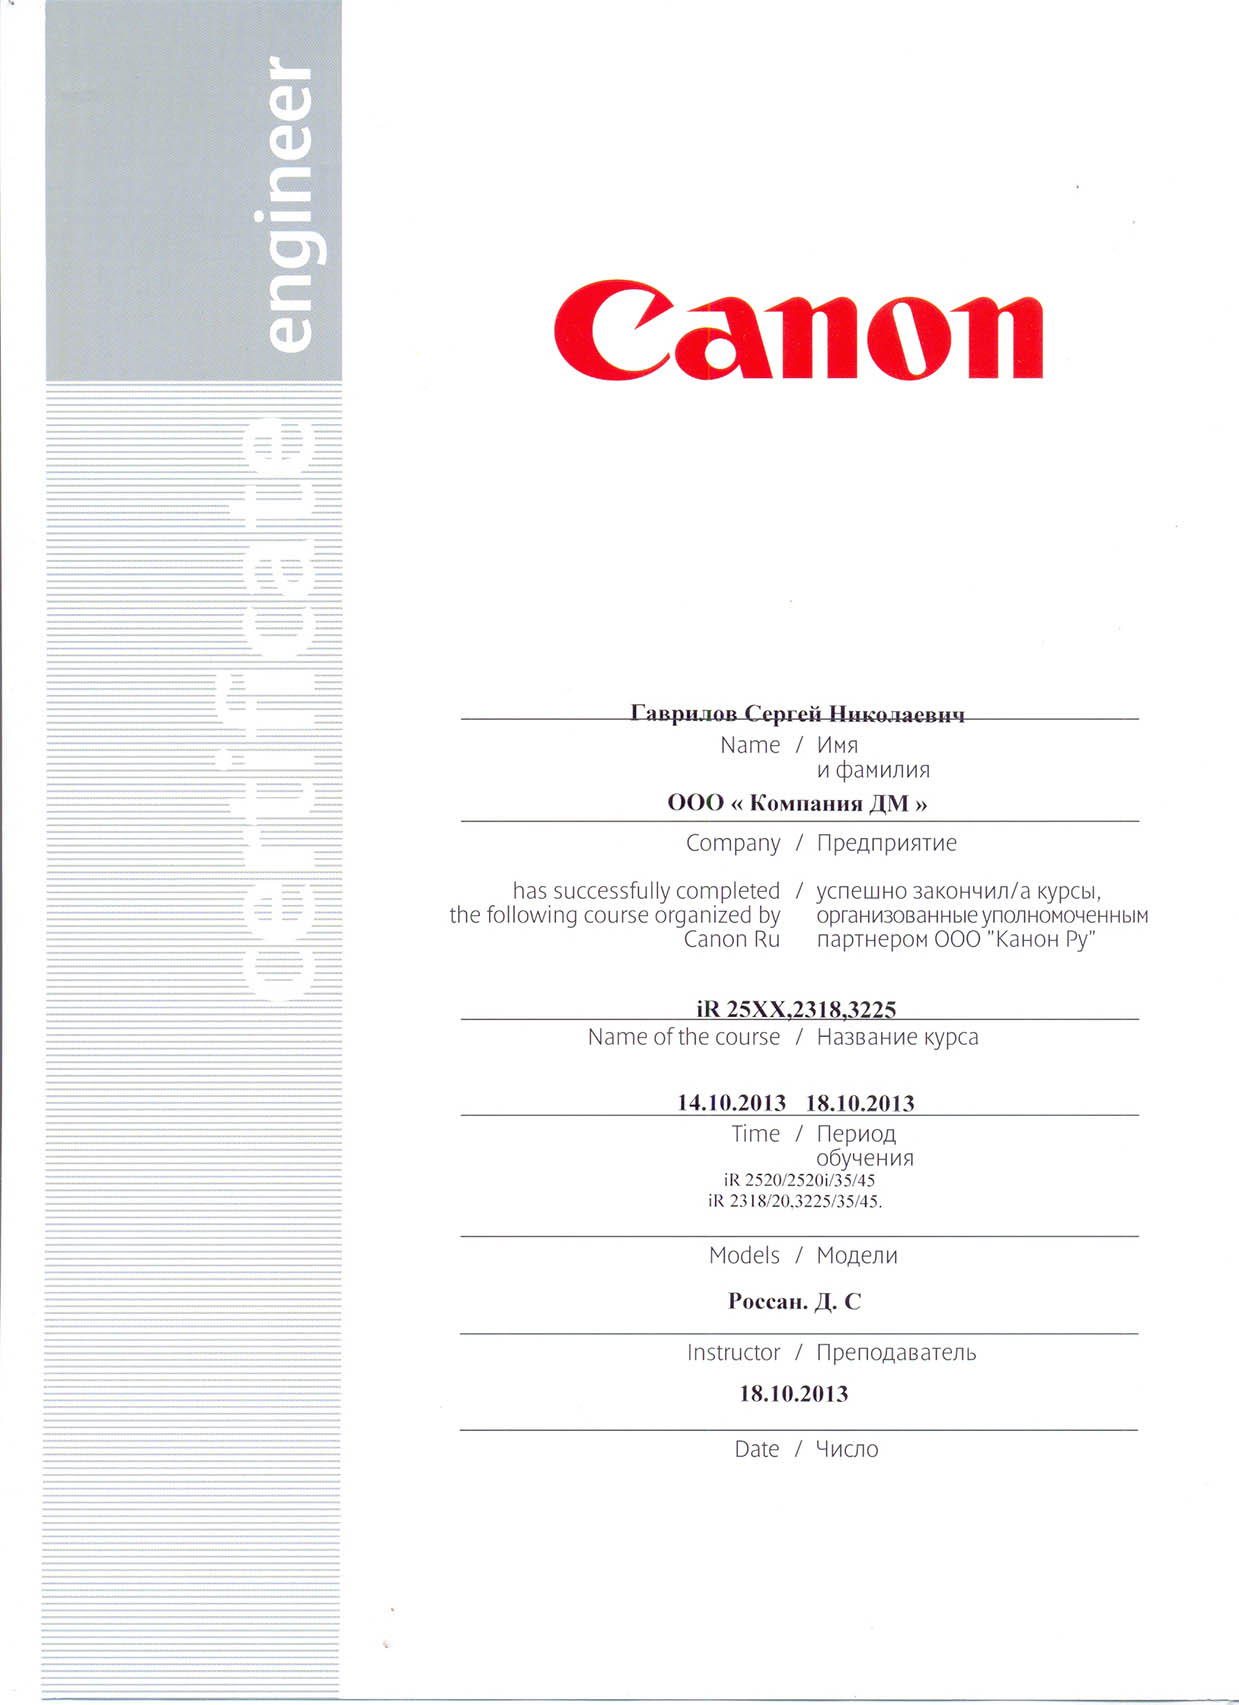 canon-certificat2